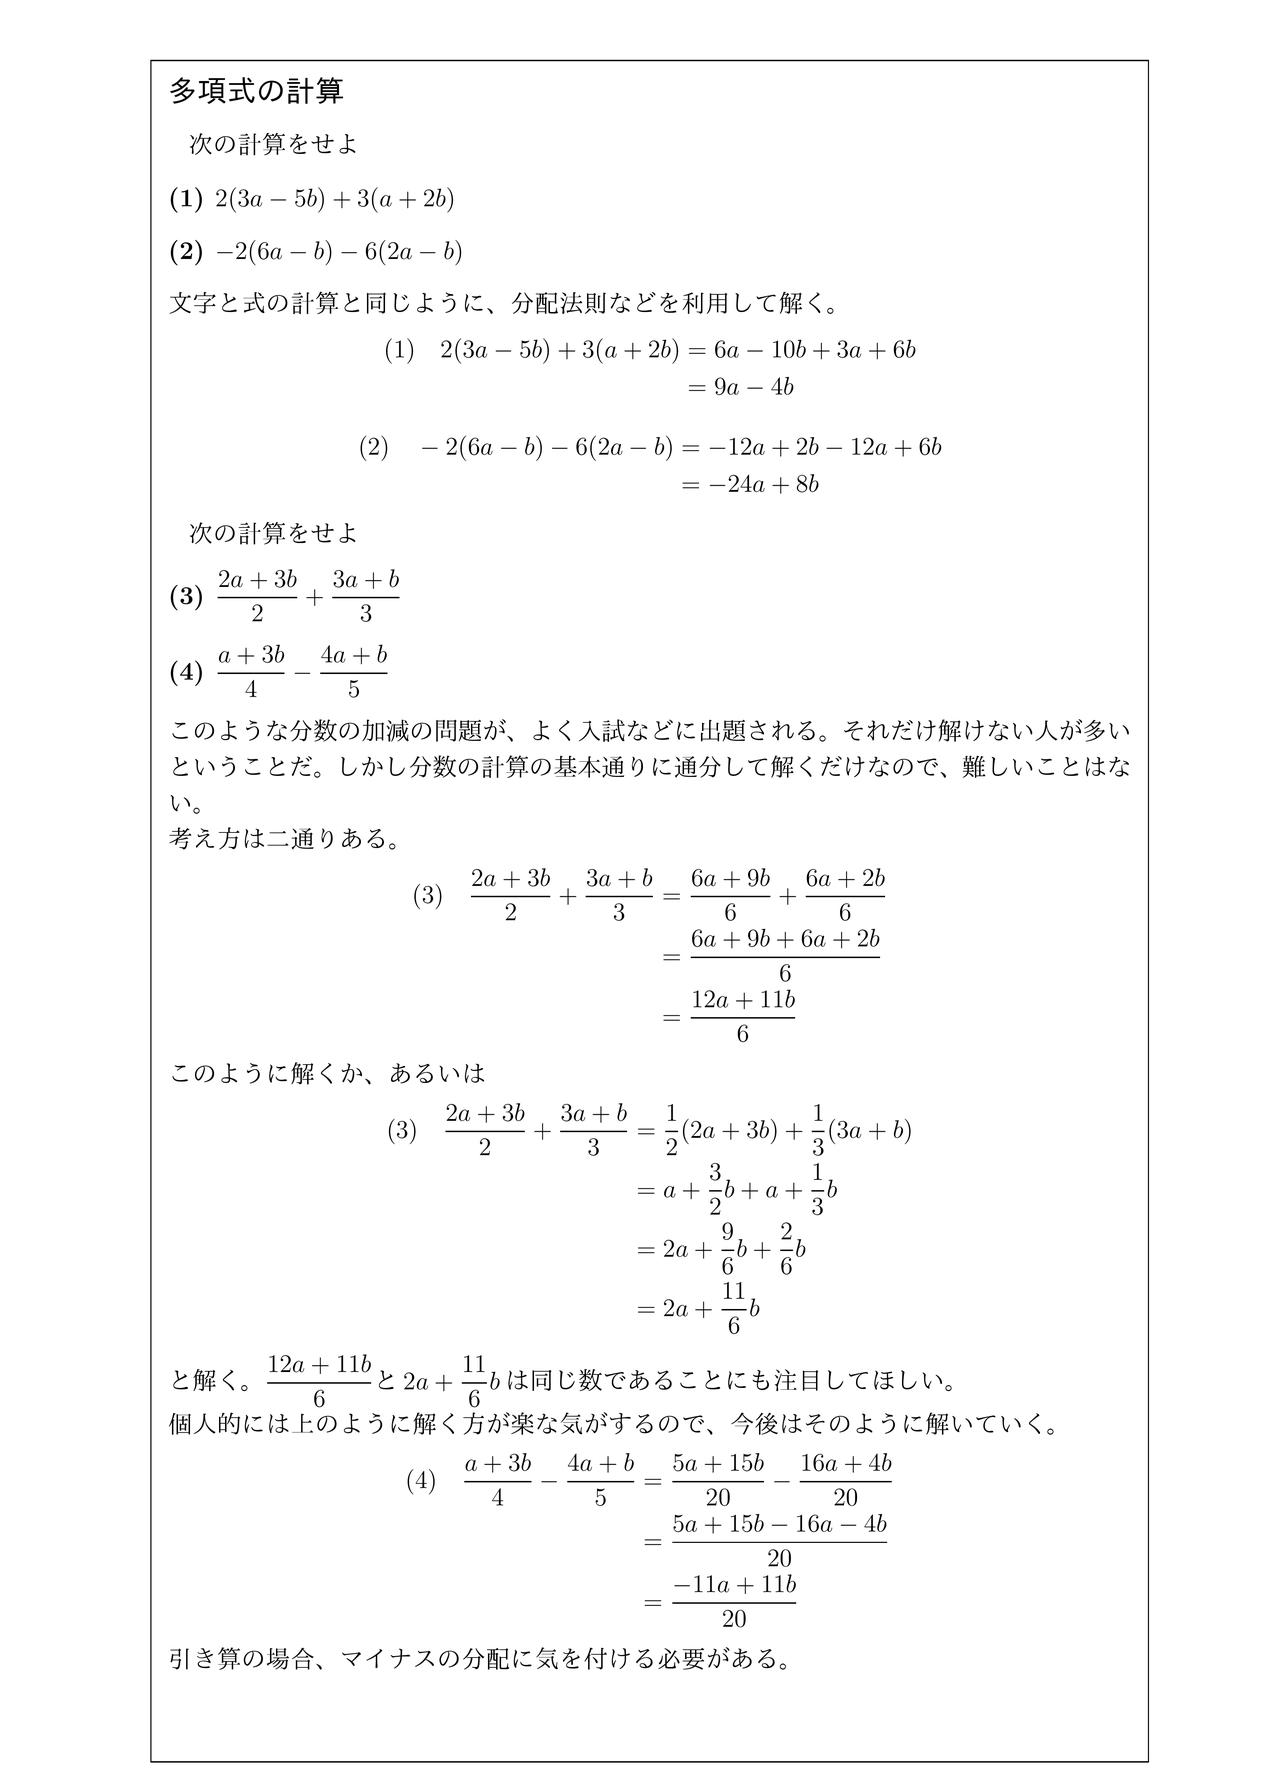 多項式の計算